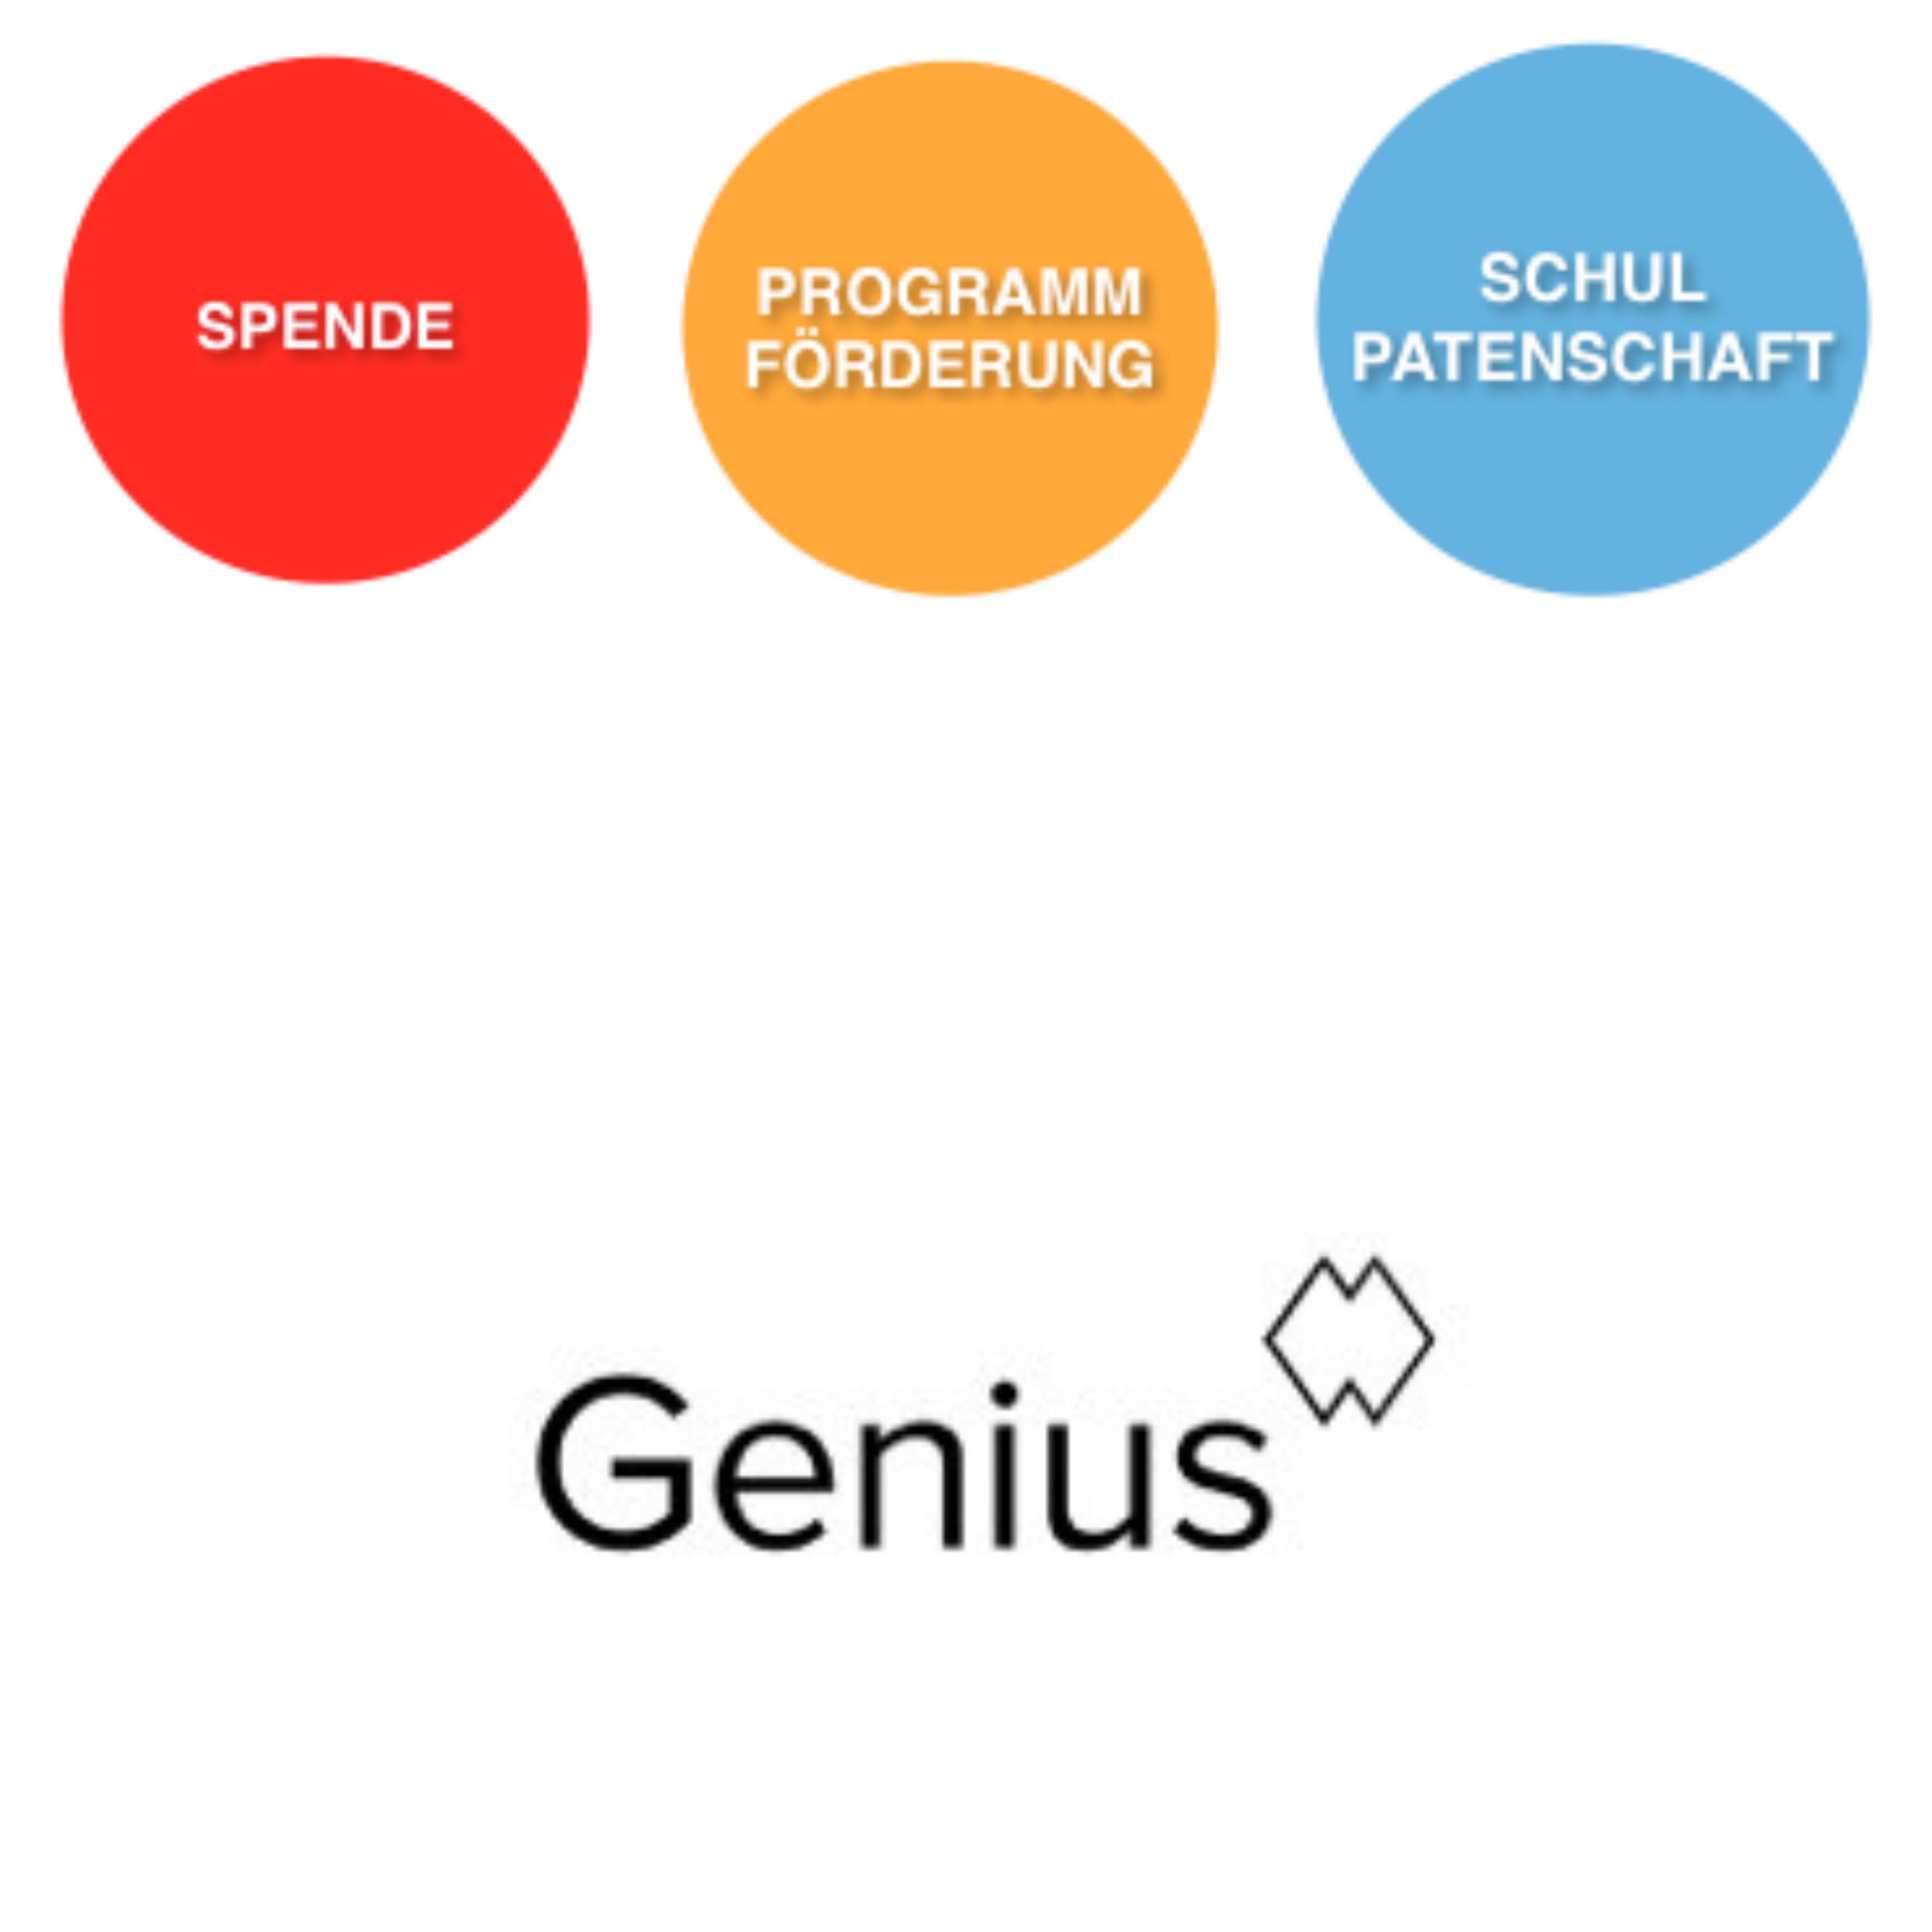 Genius Bunt.jpg